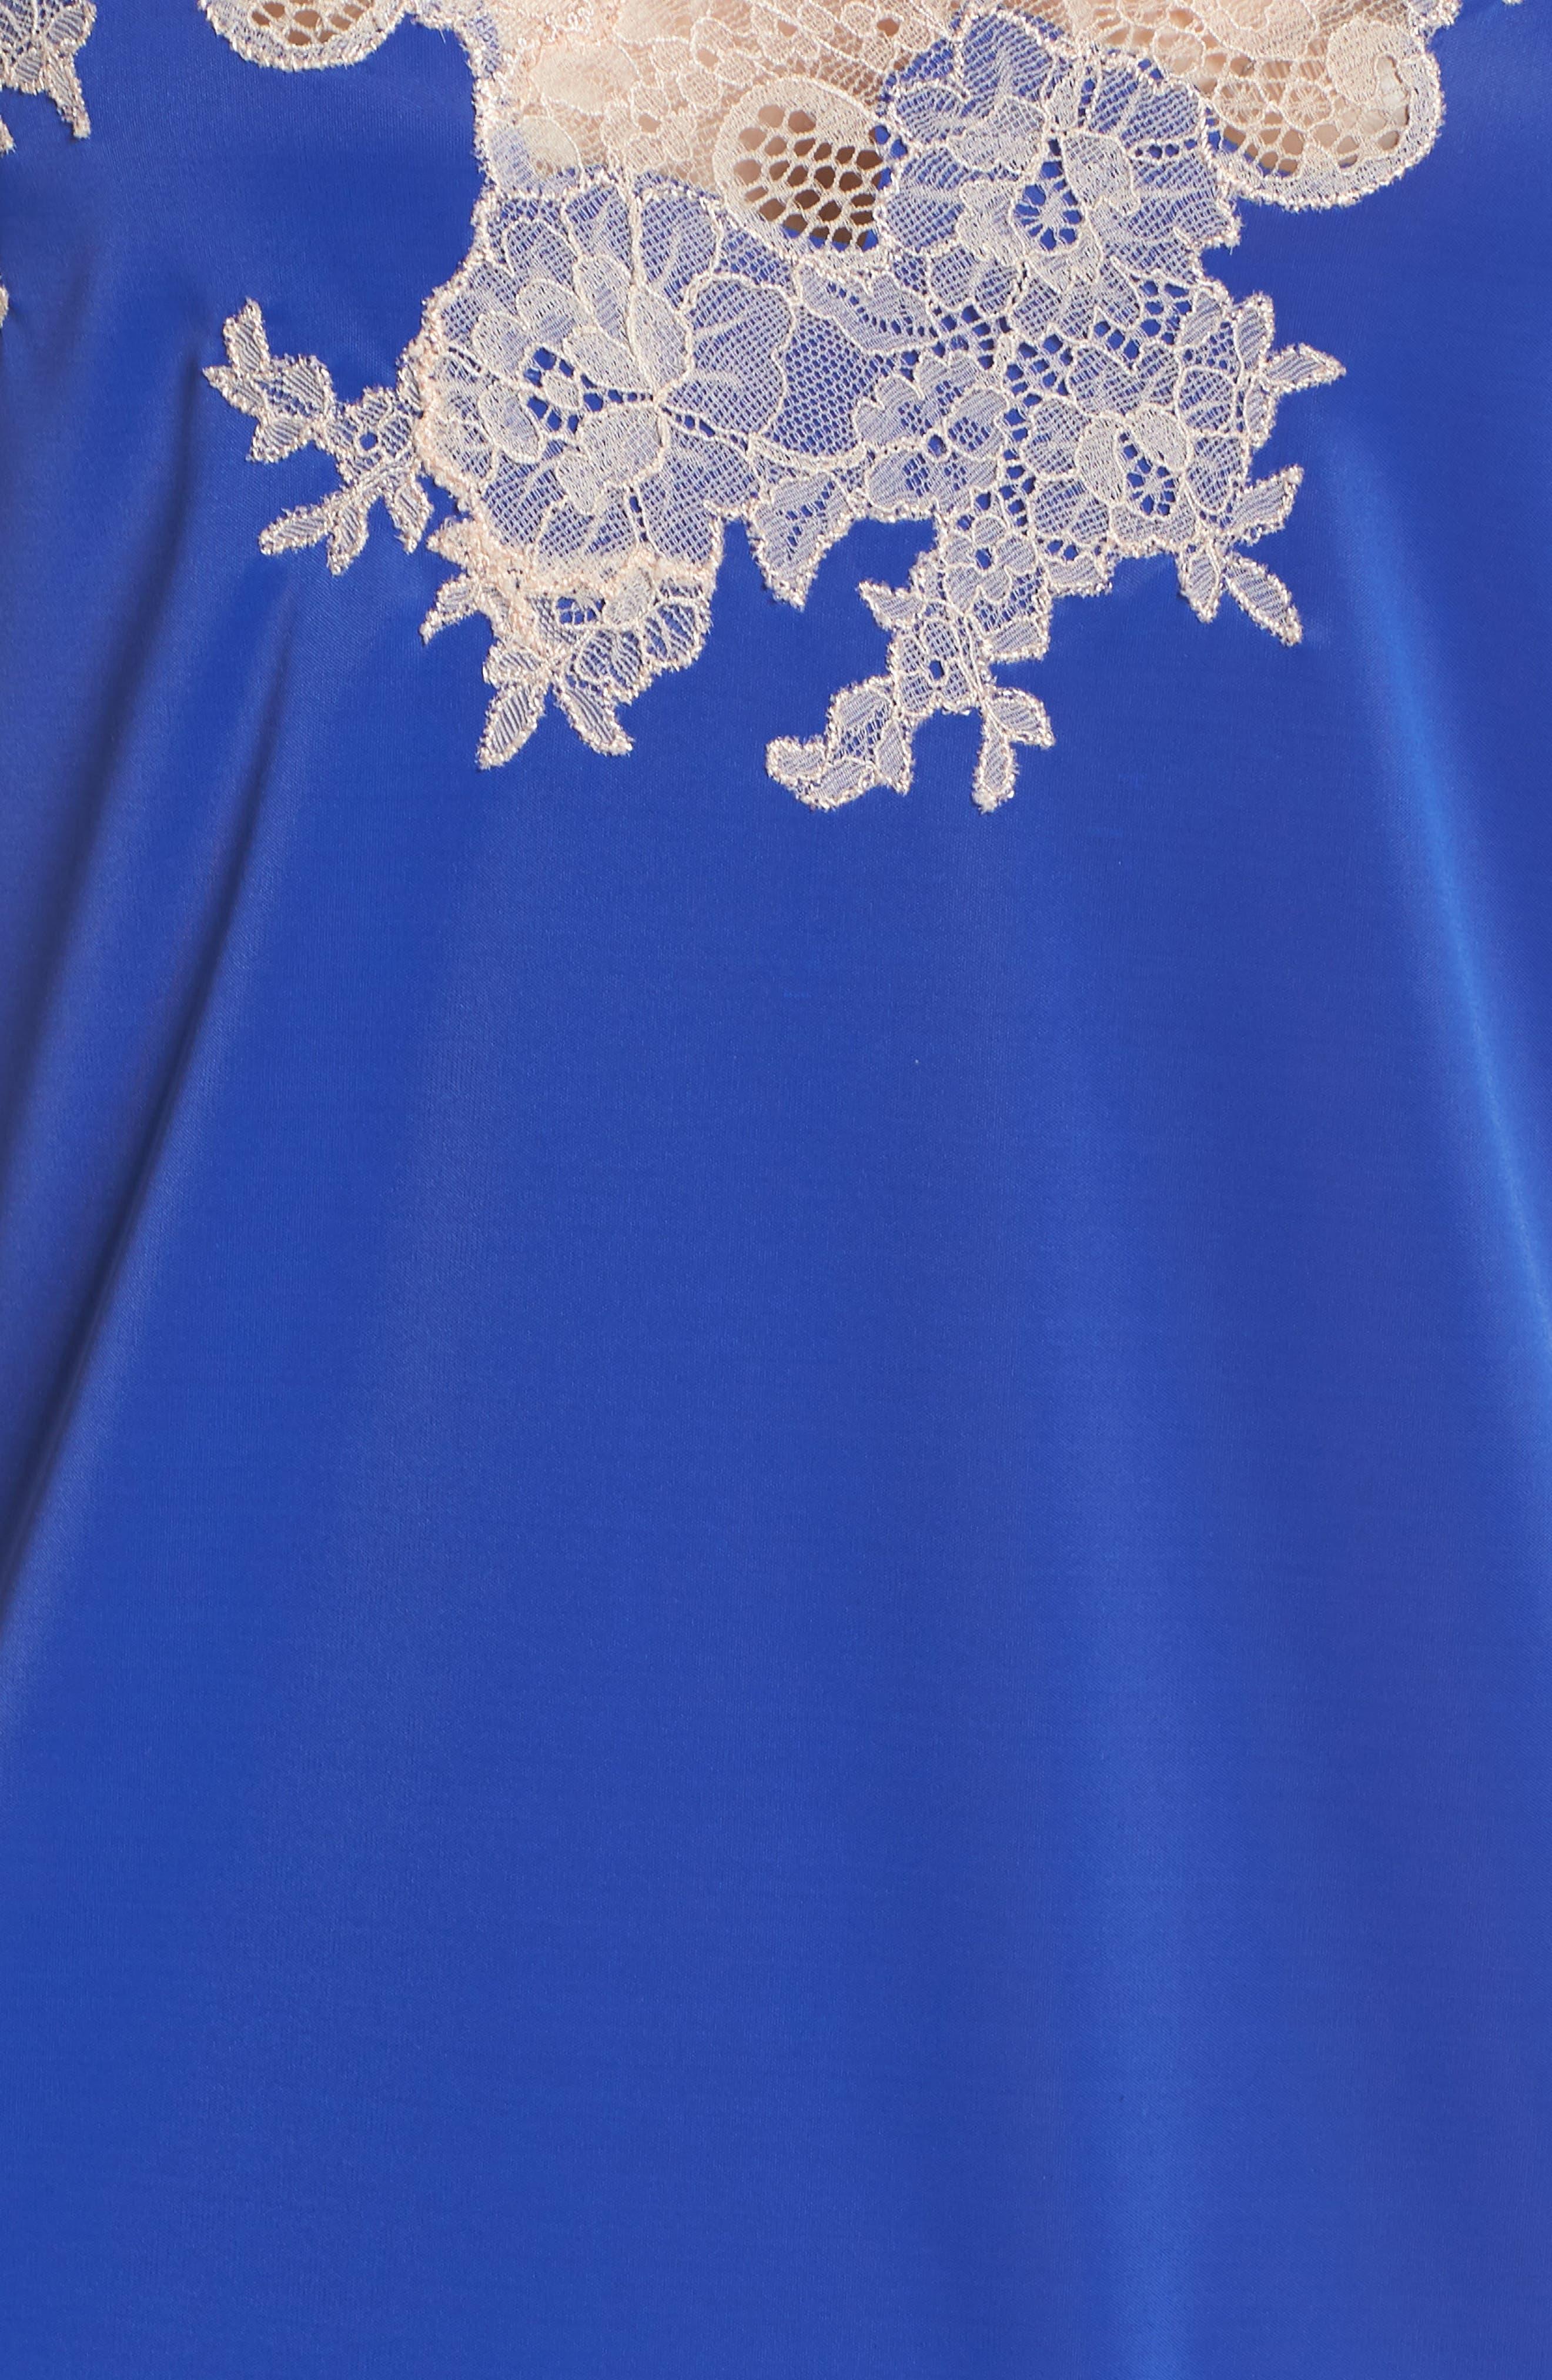 'Enchant' Chemise,                             Alternate thumbnail 6, color,                             Cobalt/ Cam Rose Lace